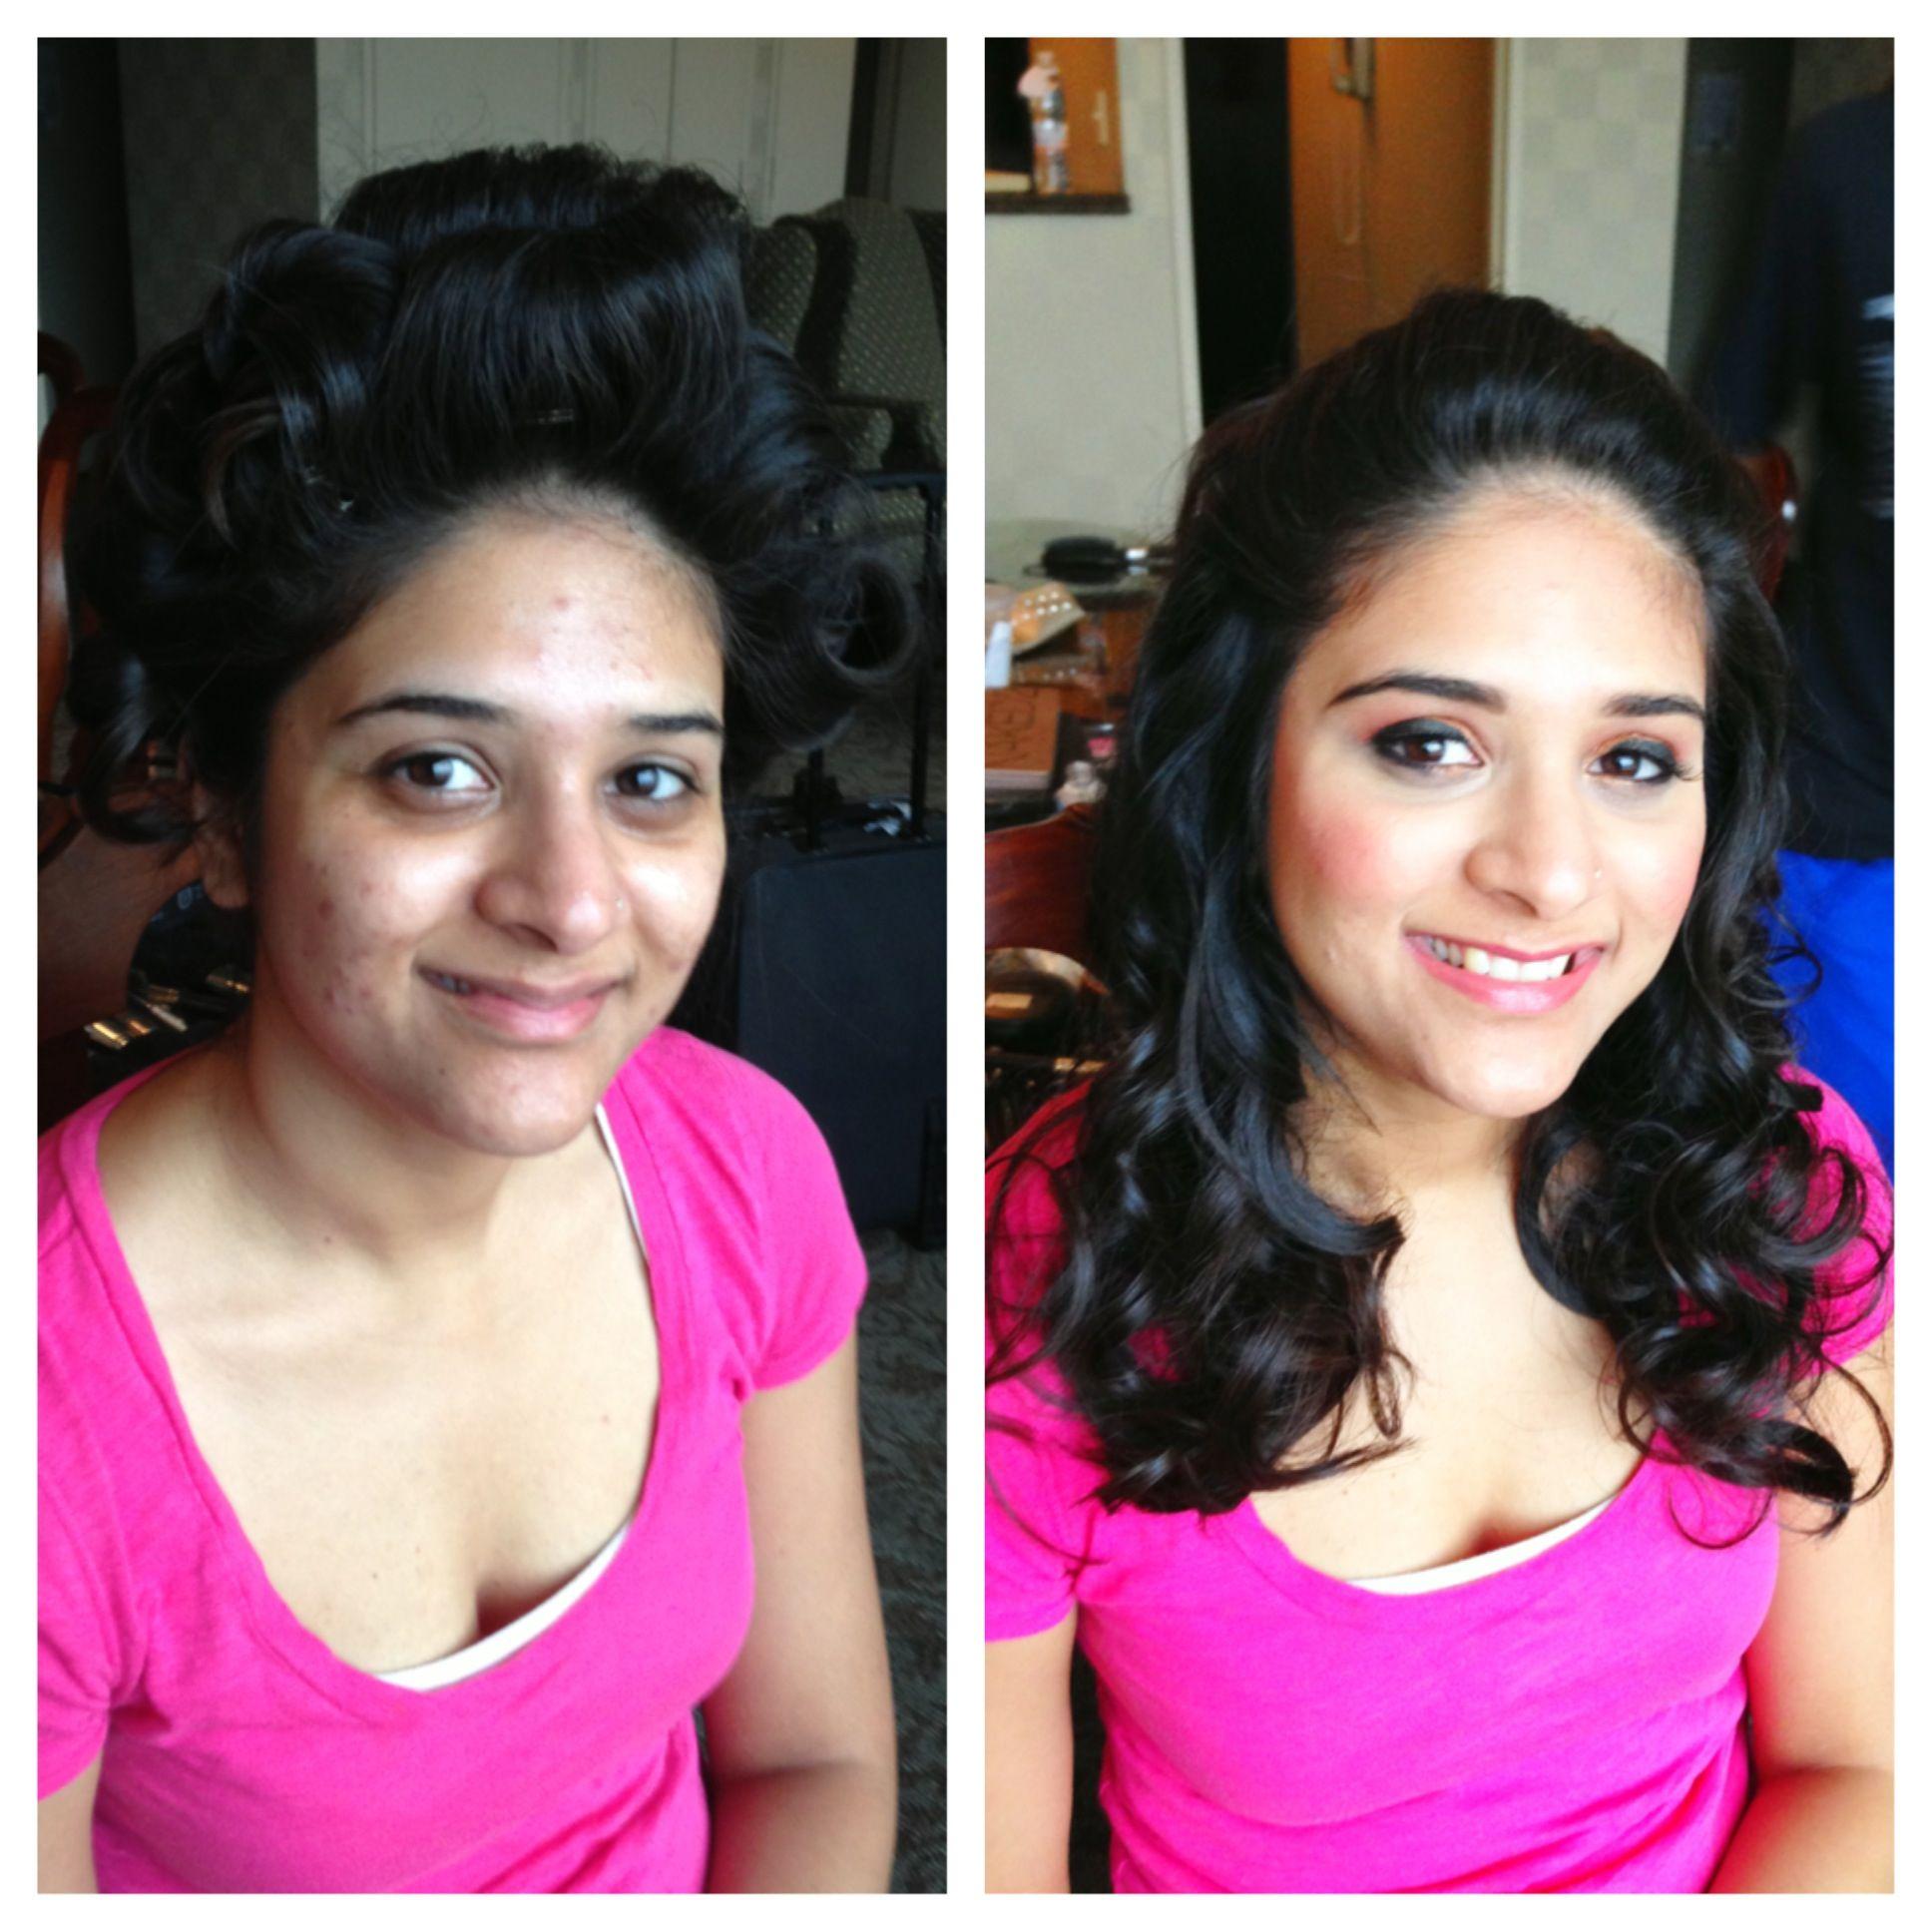 H/airbrush Airbrush, Makeup